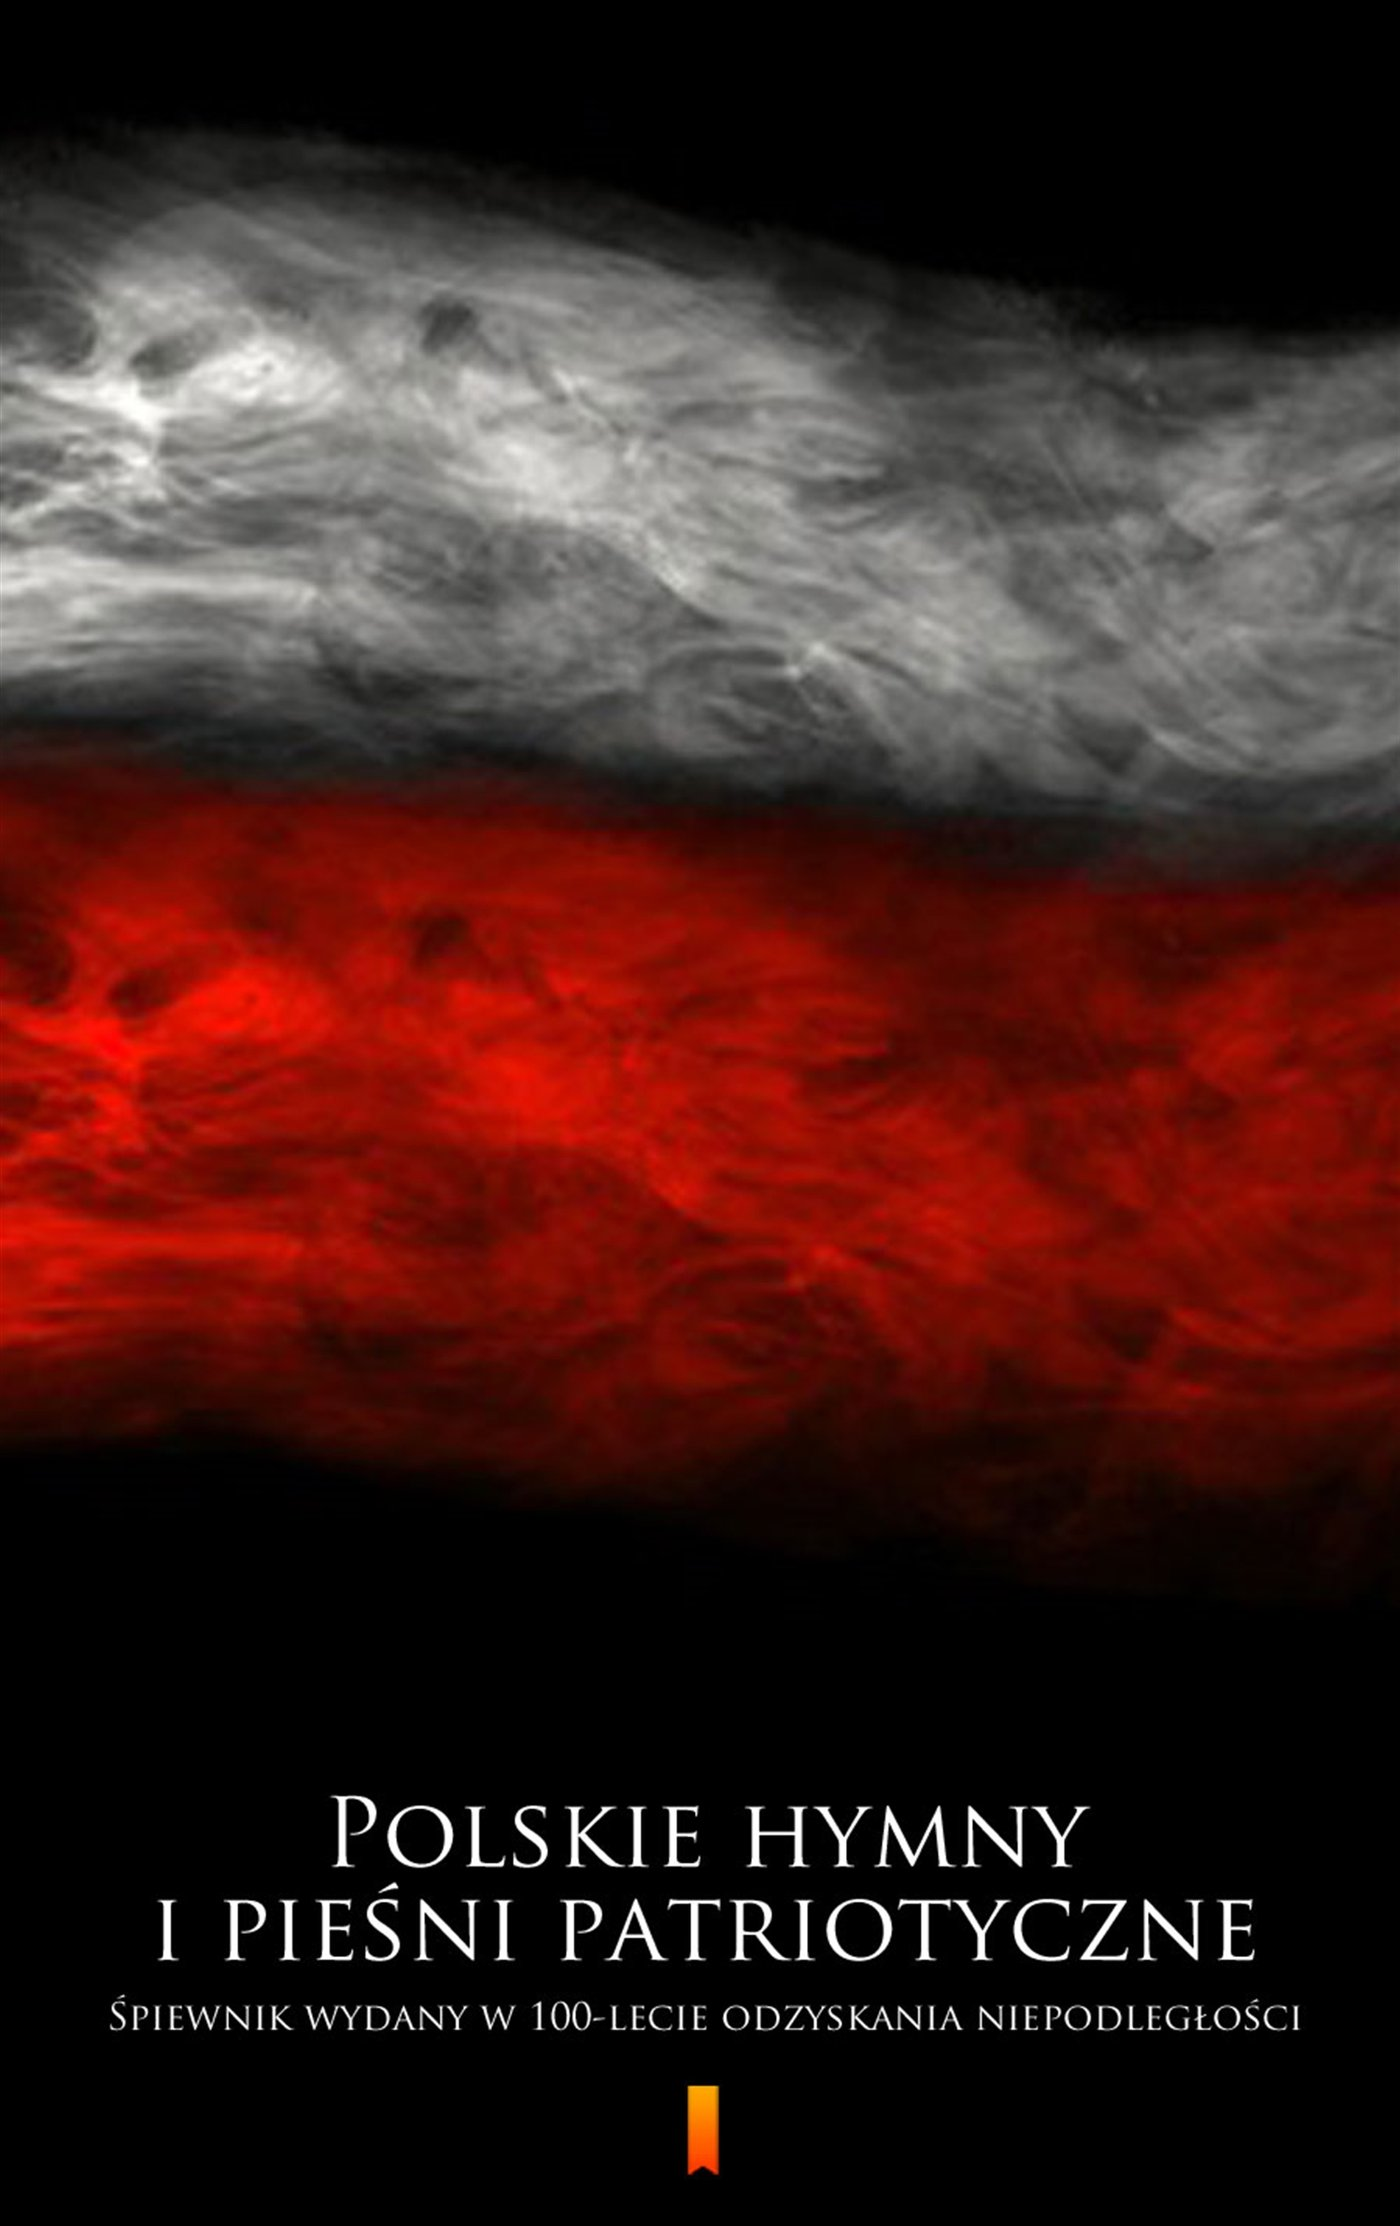 Polskie hymny i pieśni patriotyczne - Ebook (Książka EPUB) do pobrania w formacie EPUB